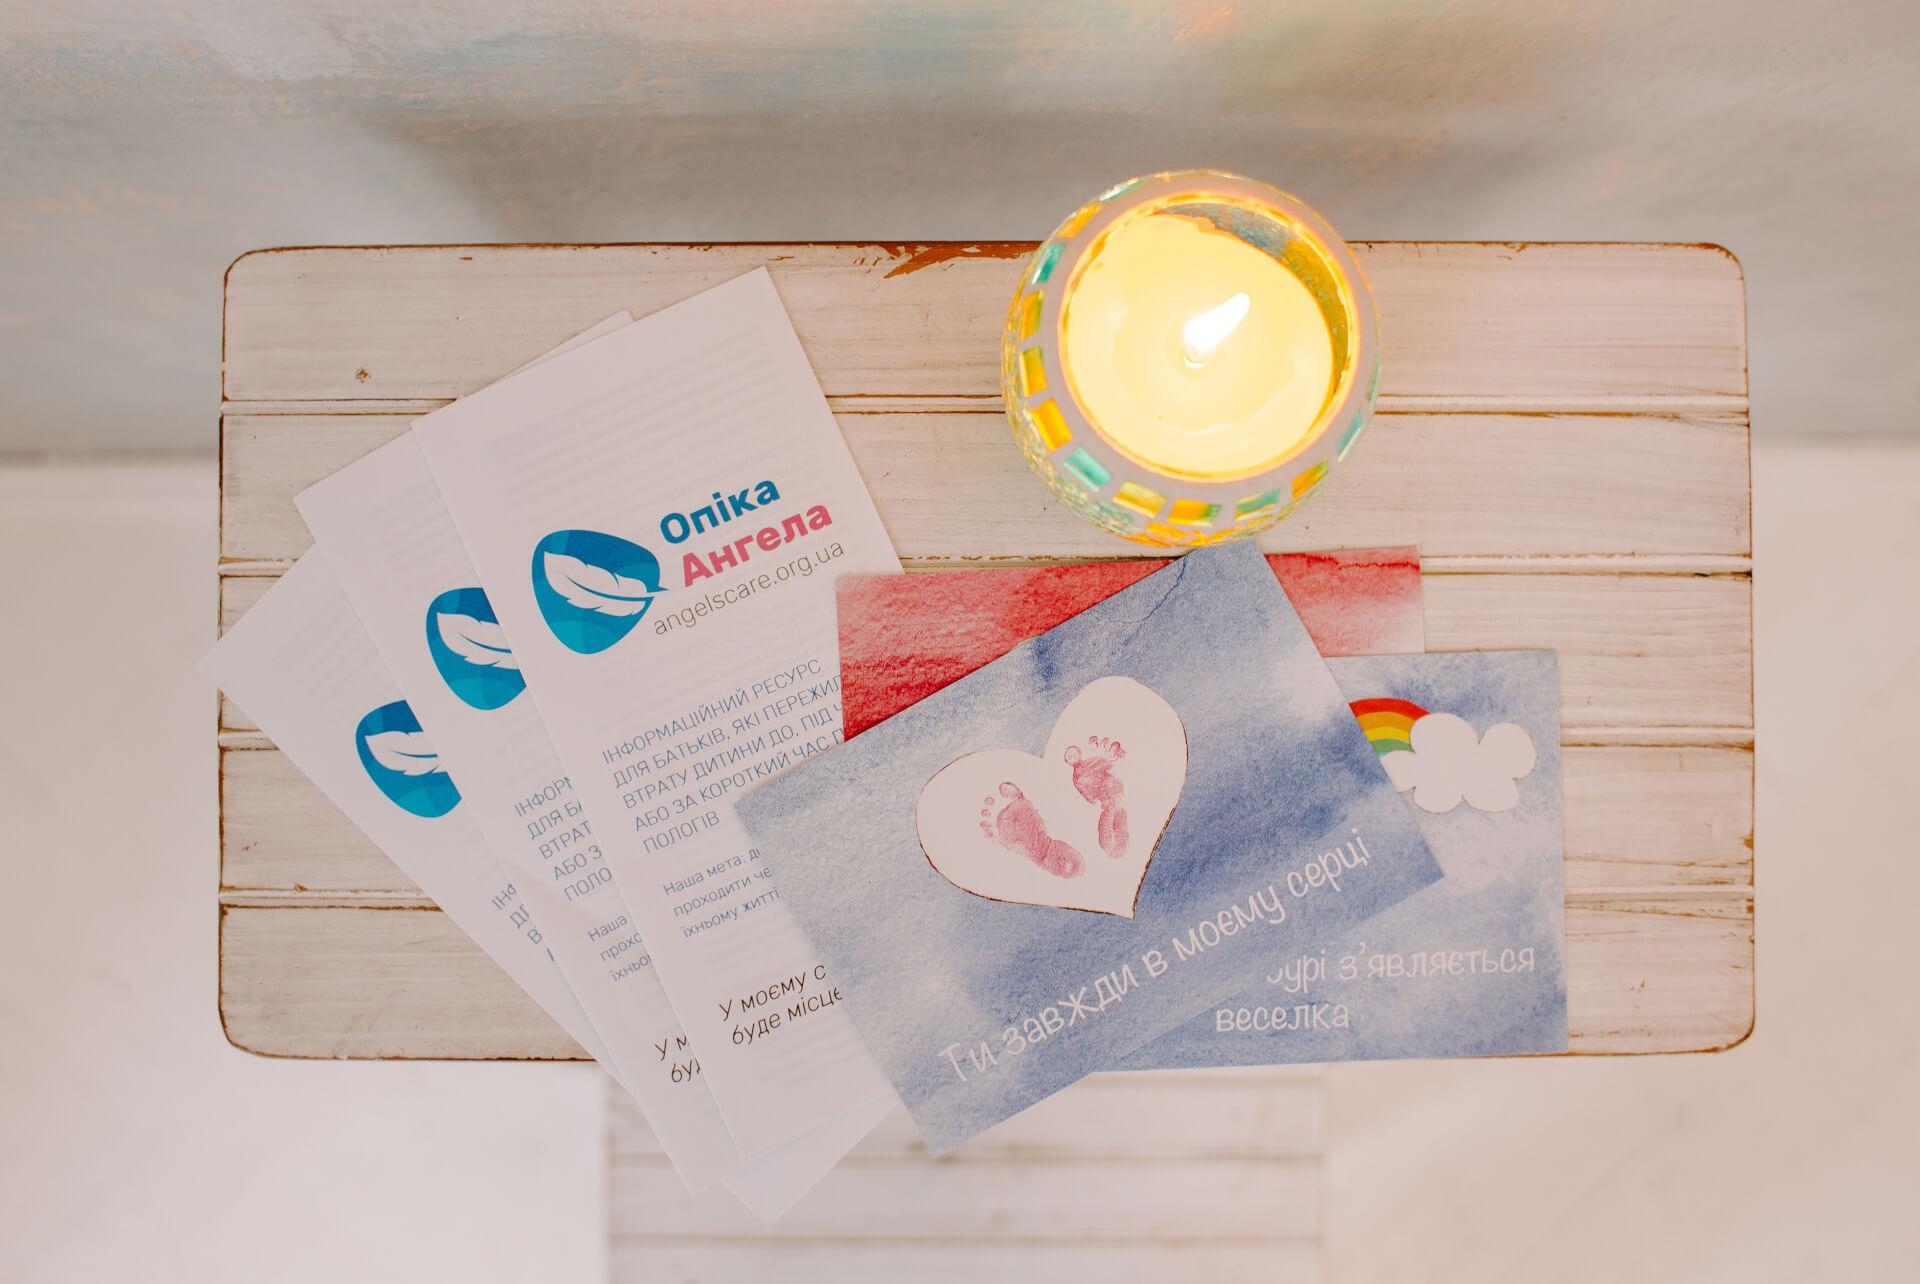 В Україні почали діяти онлайн групи підтримки для батьків, які втратили дітей